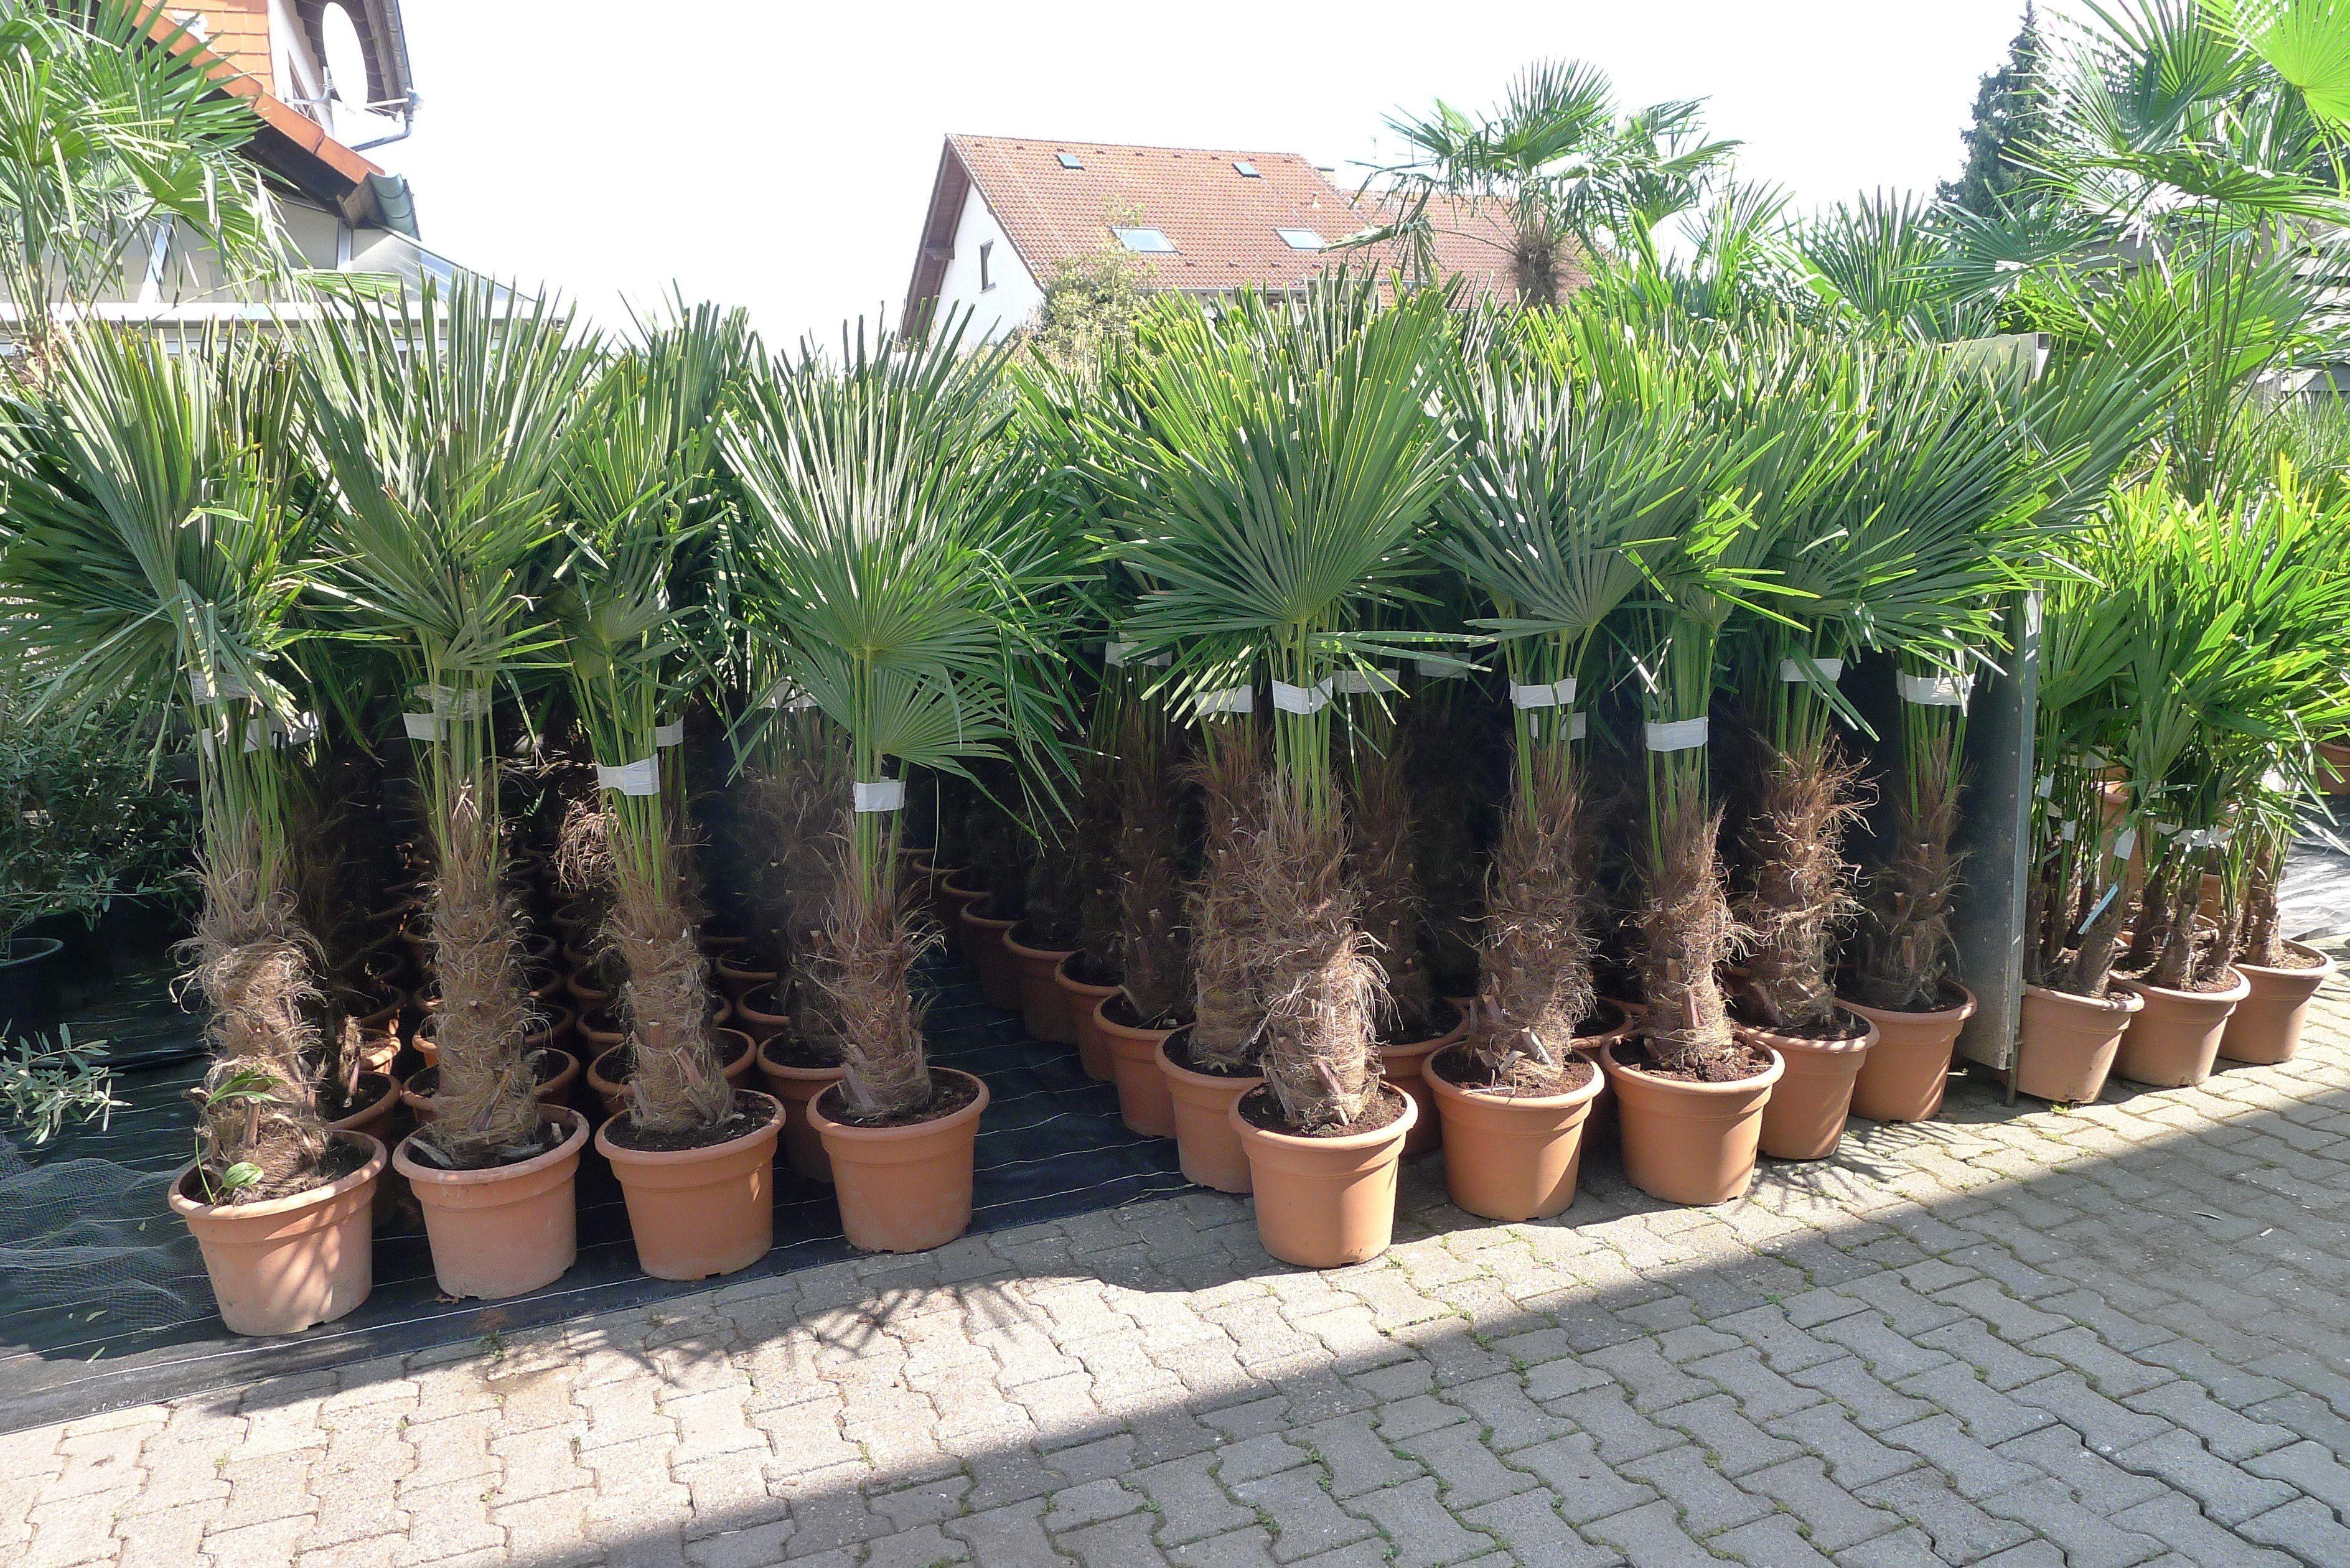 Winterharte Palmen Fur Den Garten Kaufen Das Ubernimmt Instagram Von Palmenlager De Pflanzenversand Amp Lage Winterharte Palmen Palmen Kaufen Palmen Garten